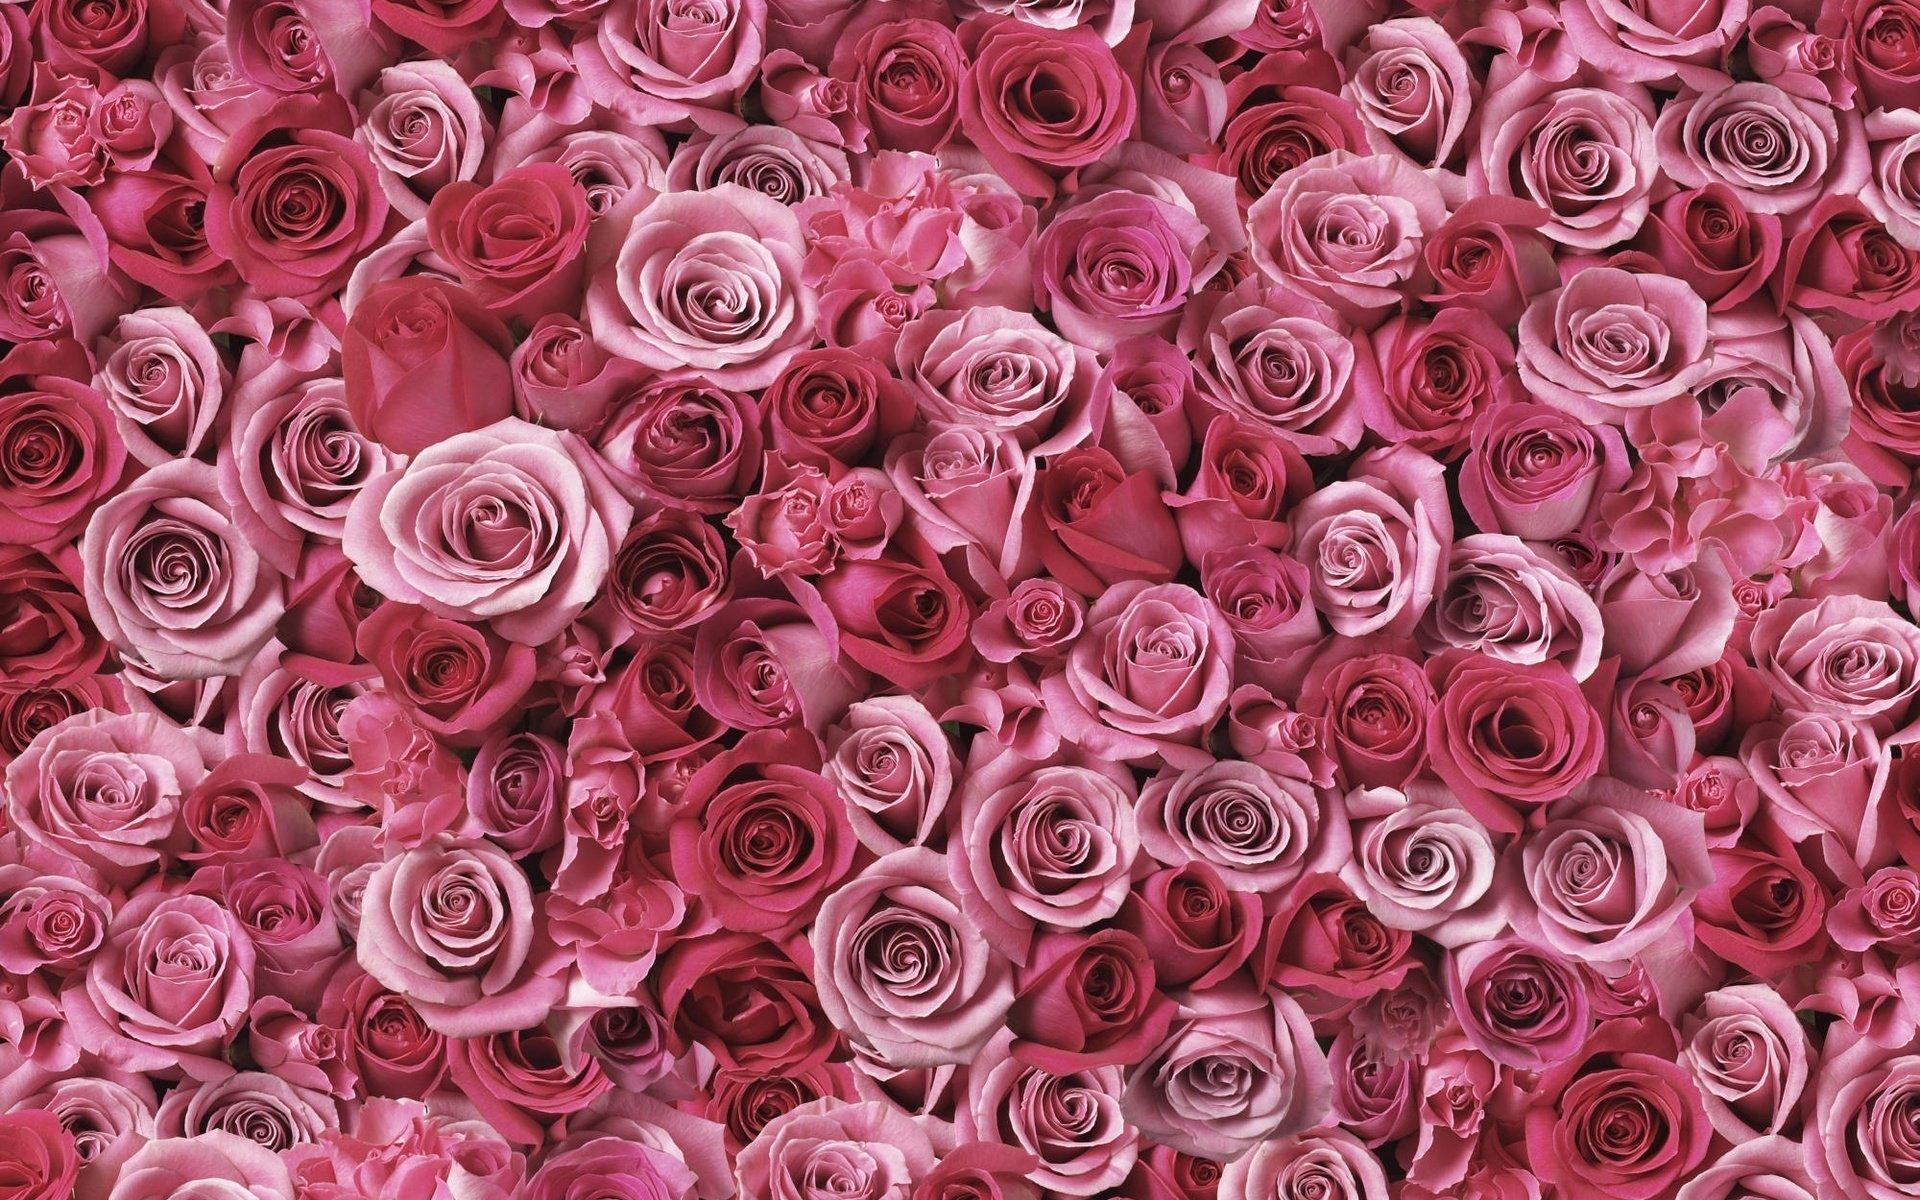 описание обои на самсунг розы просуществовала недолго, сделала